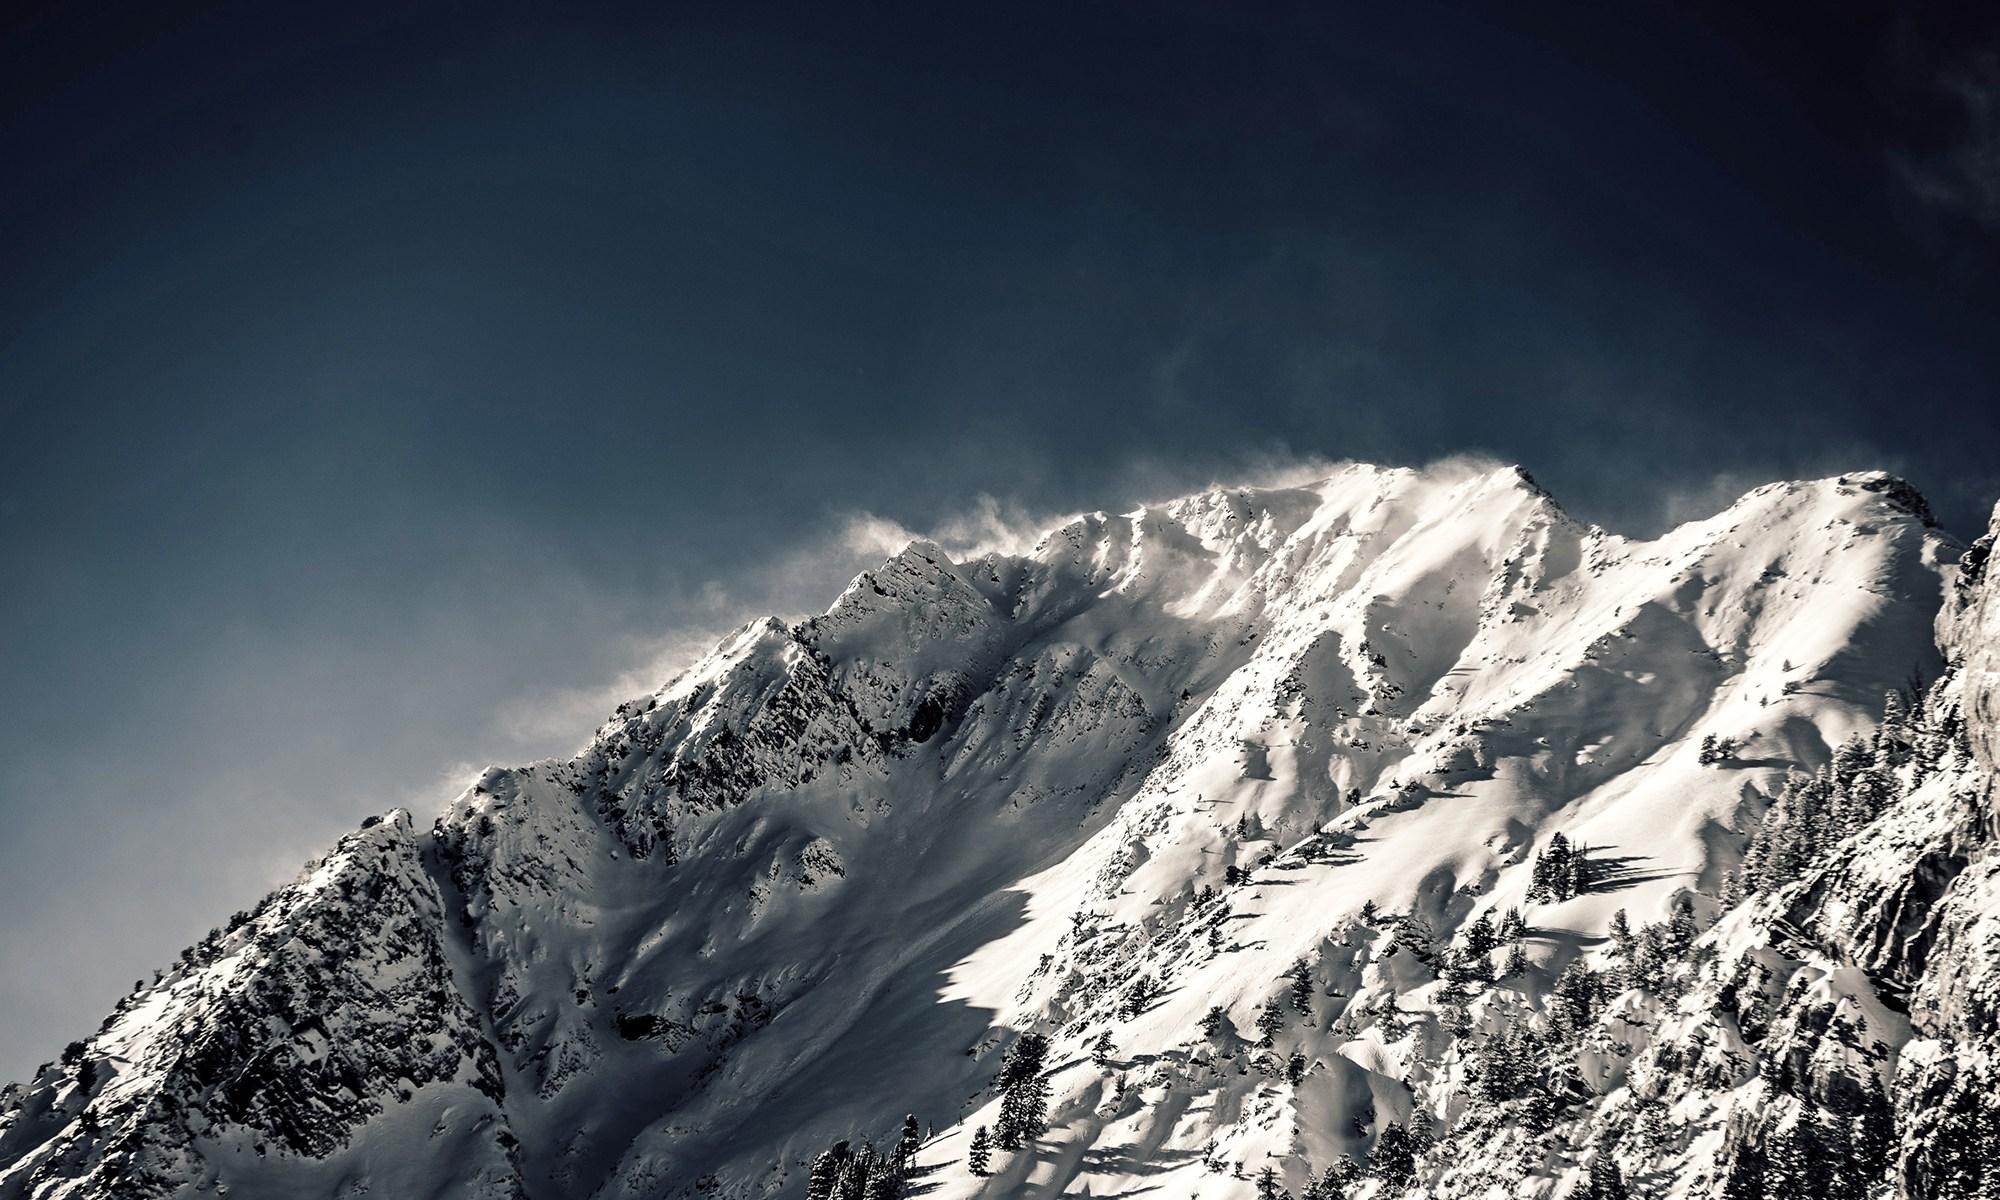 Kako se pripremiti za planinarenje po snijegu?